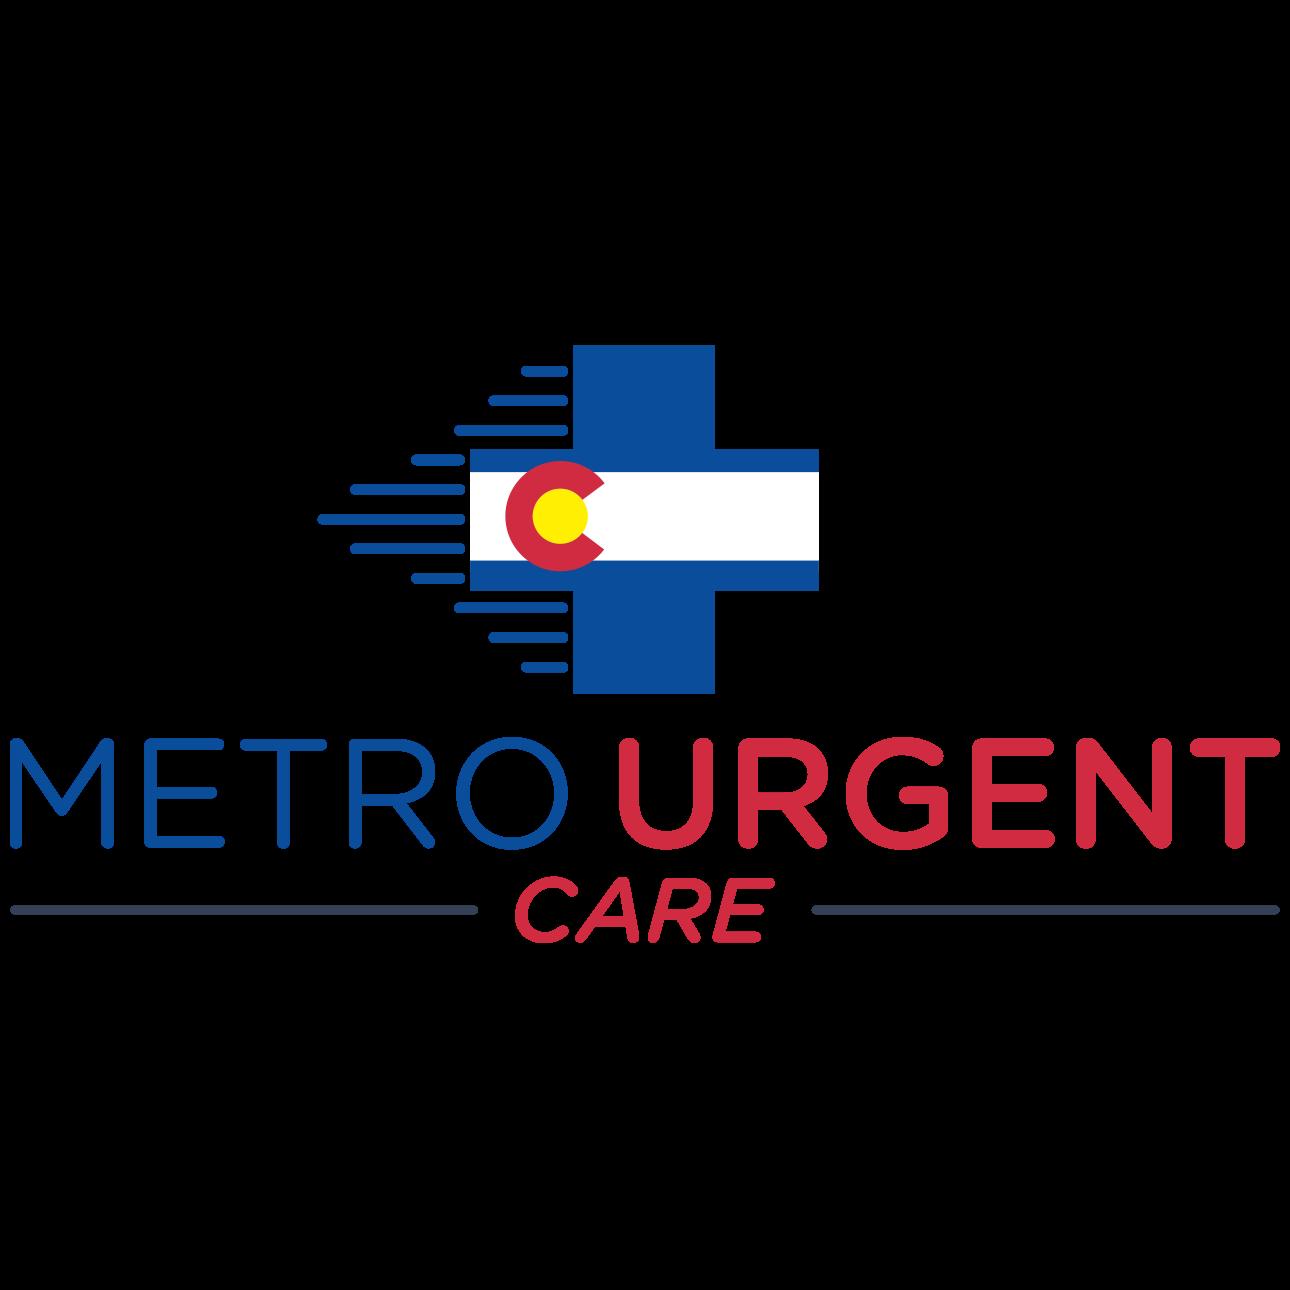 Metro Urgent Care - Quebec Logo